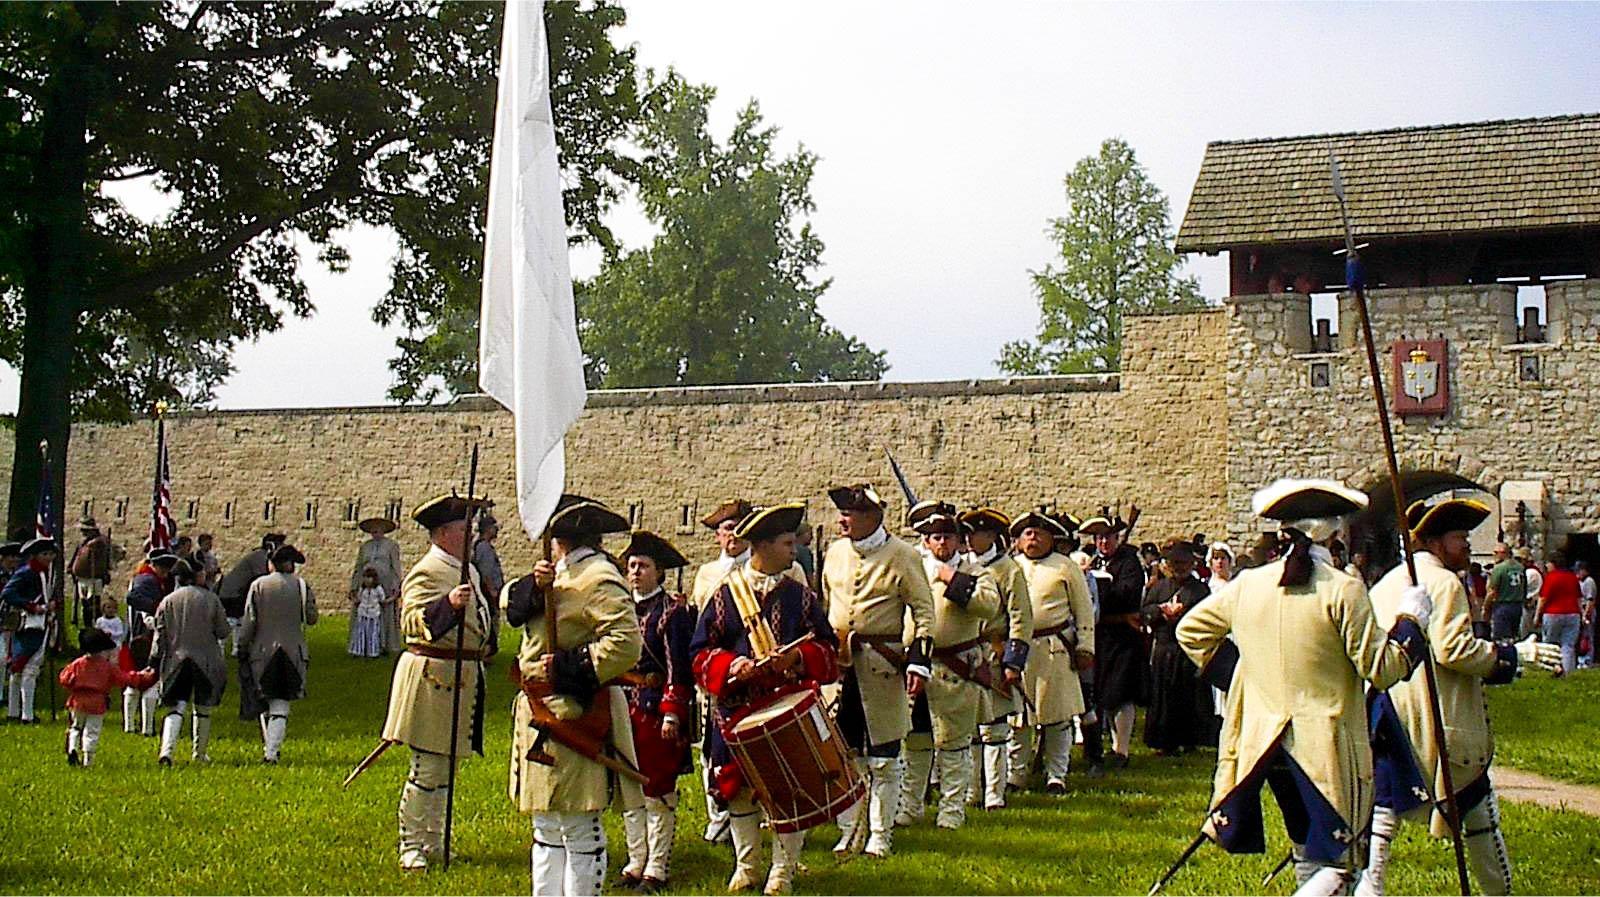 fort-de-chartres=06072003-alr-5037.jpg